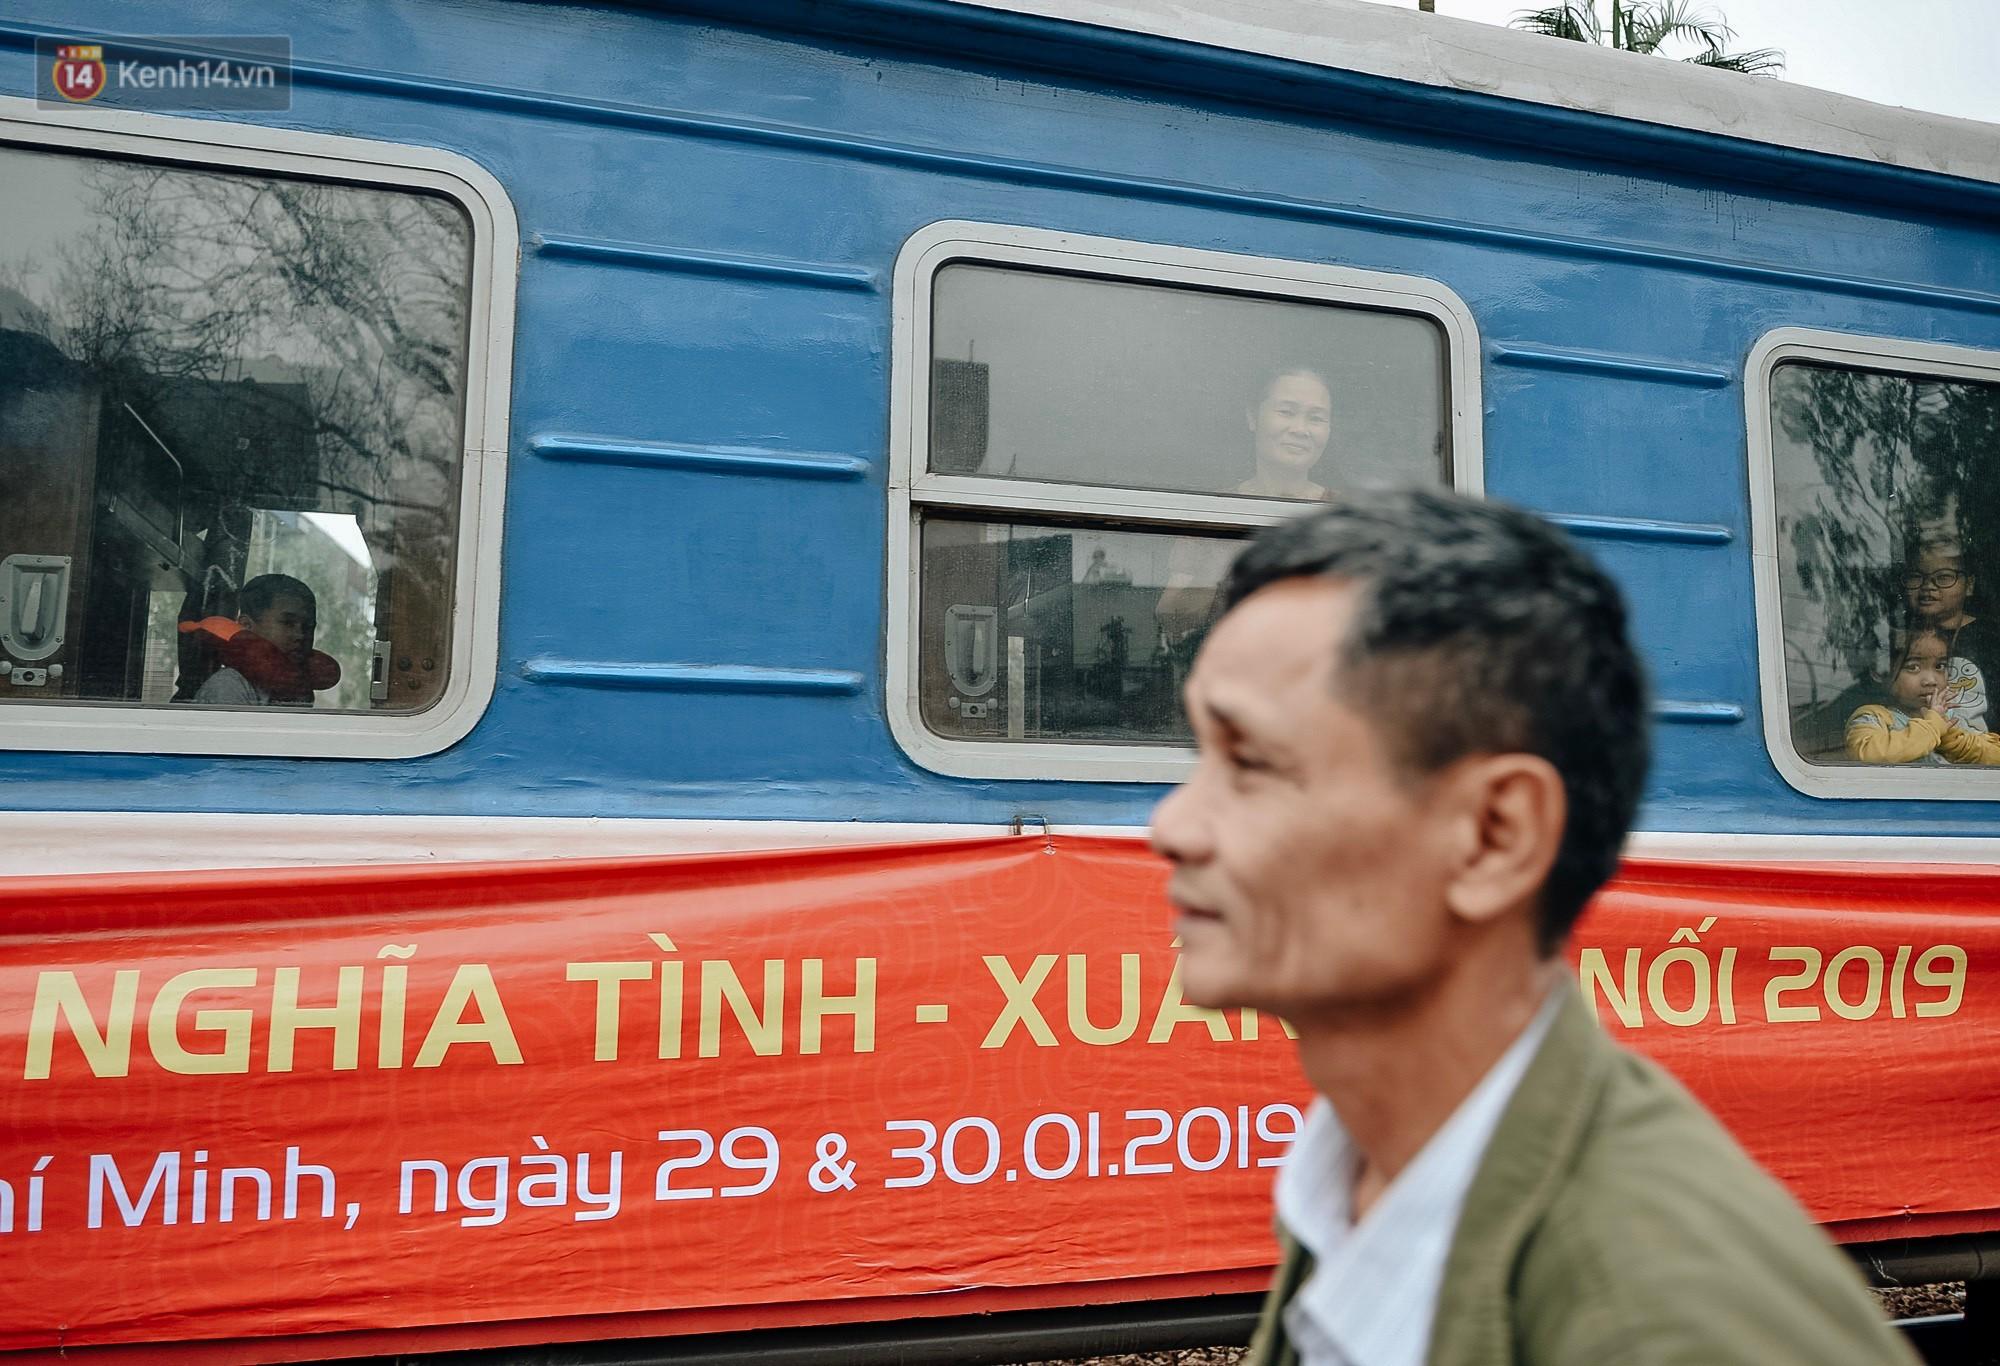 Chuyến tàu mùa xuân chở công nhân nghèo dọc đường đất nước về đến ga Hà Nội và những khoảnh khắc đoàn tụ đầy xúc động - Ảnh 1.